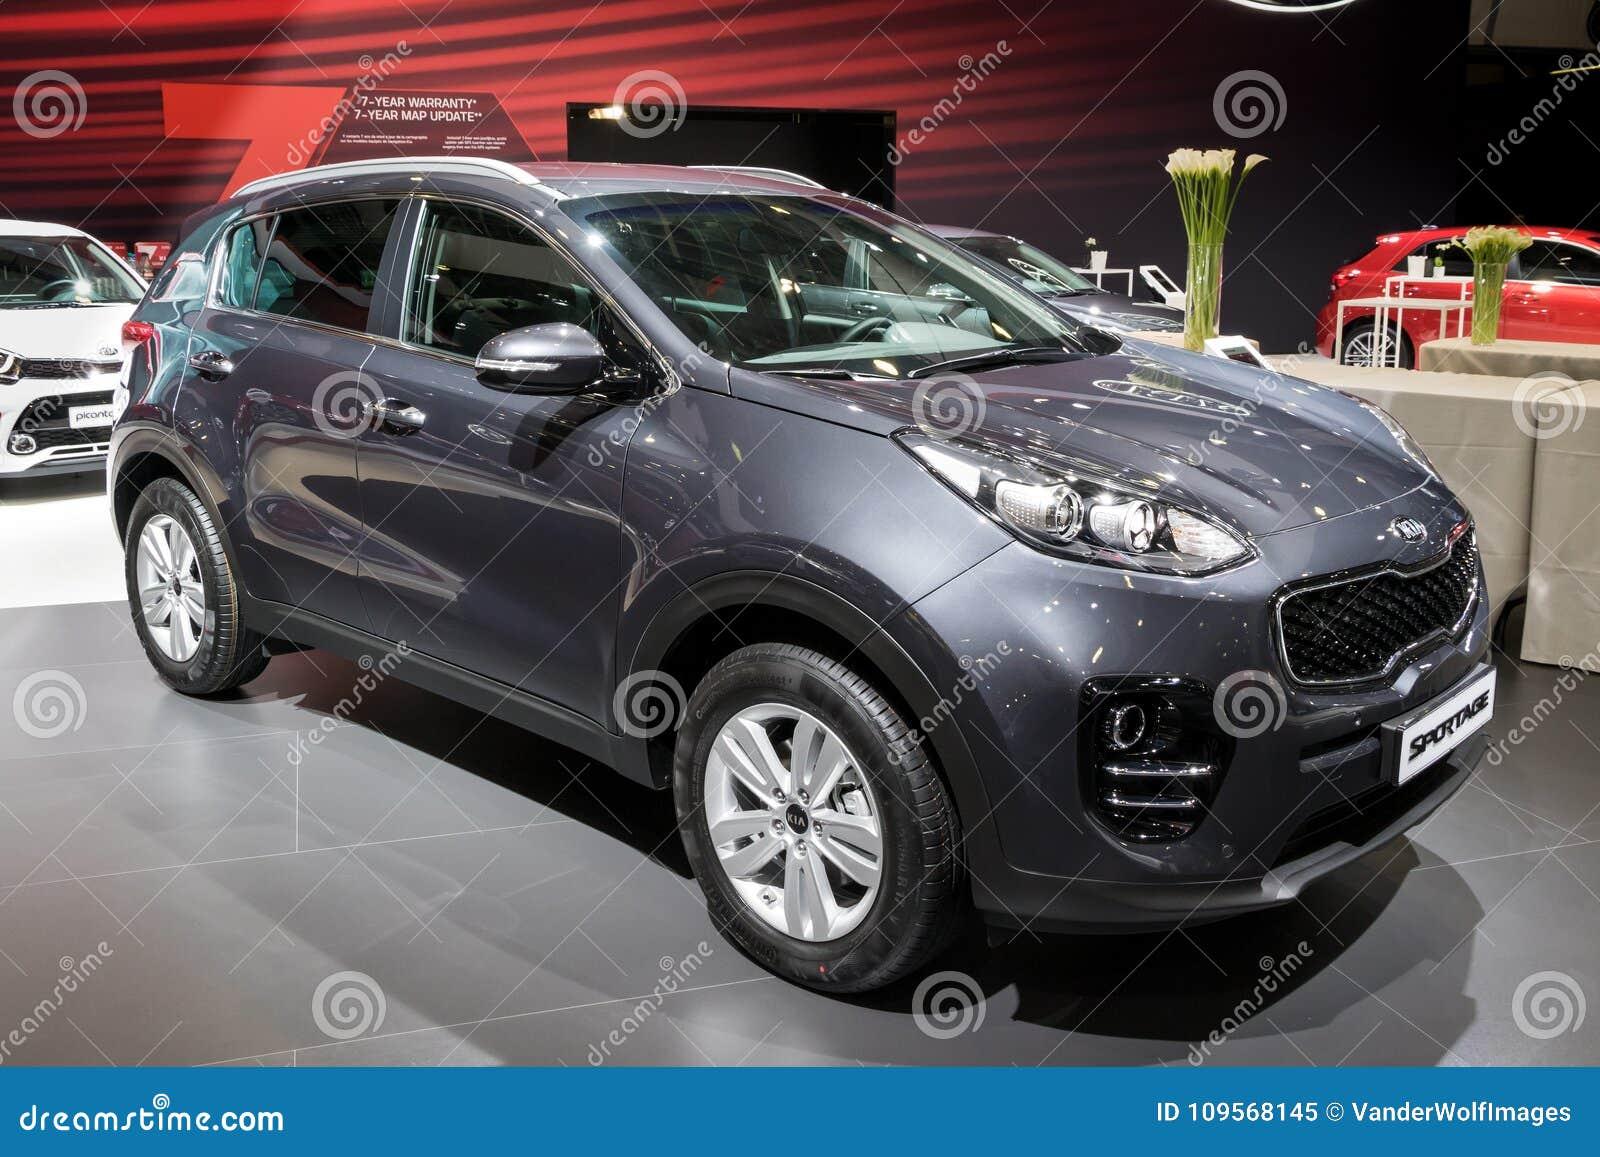 Kia Sportage Crossover SUV Car Editorial Image - Image of crossover